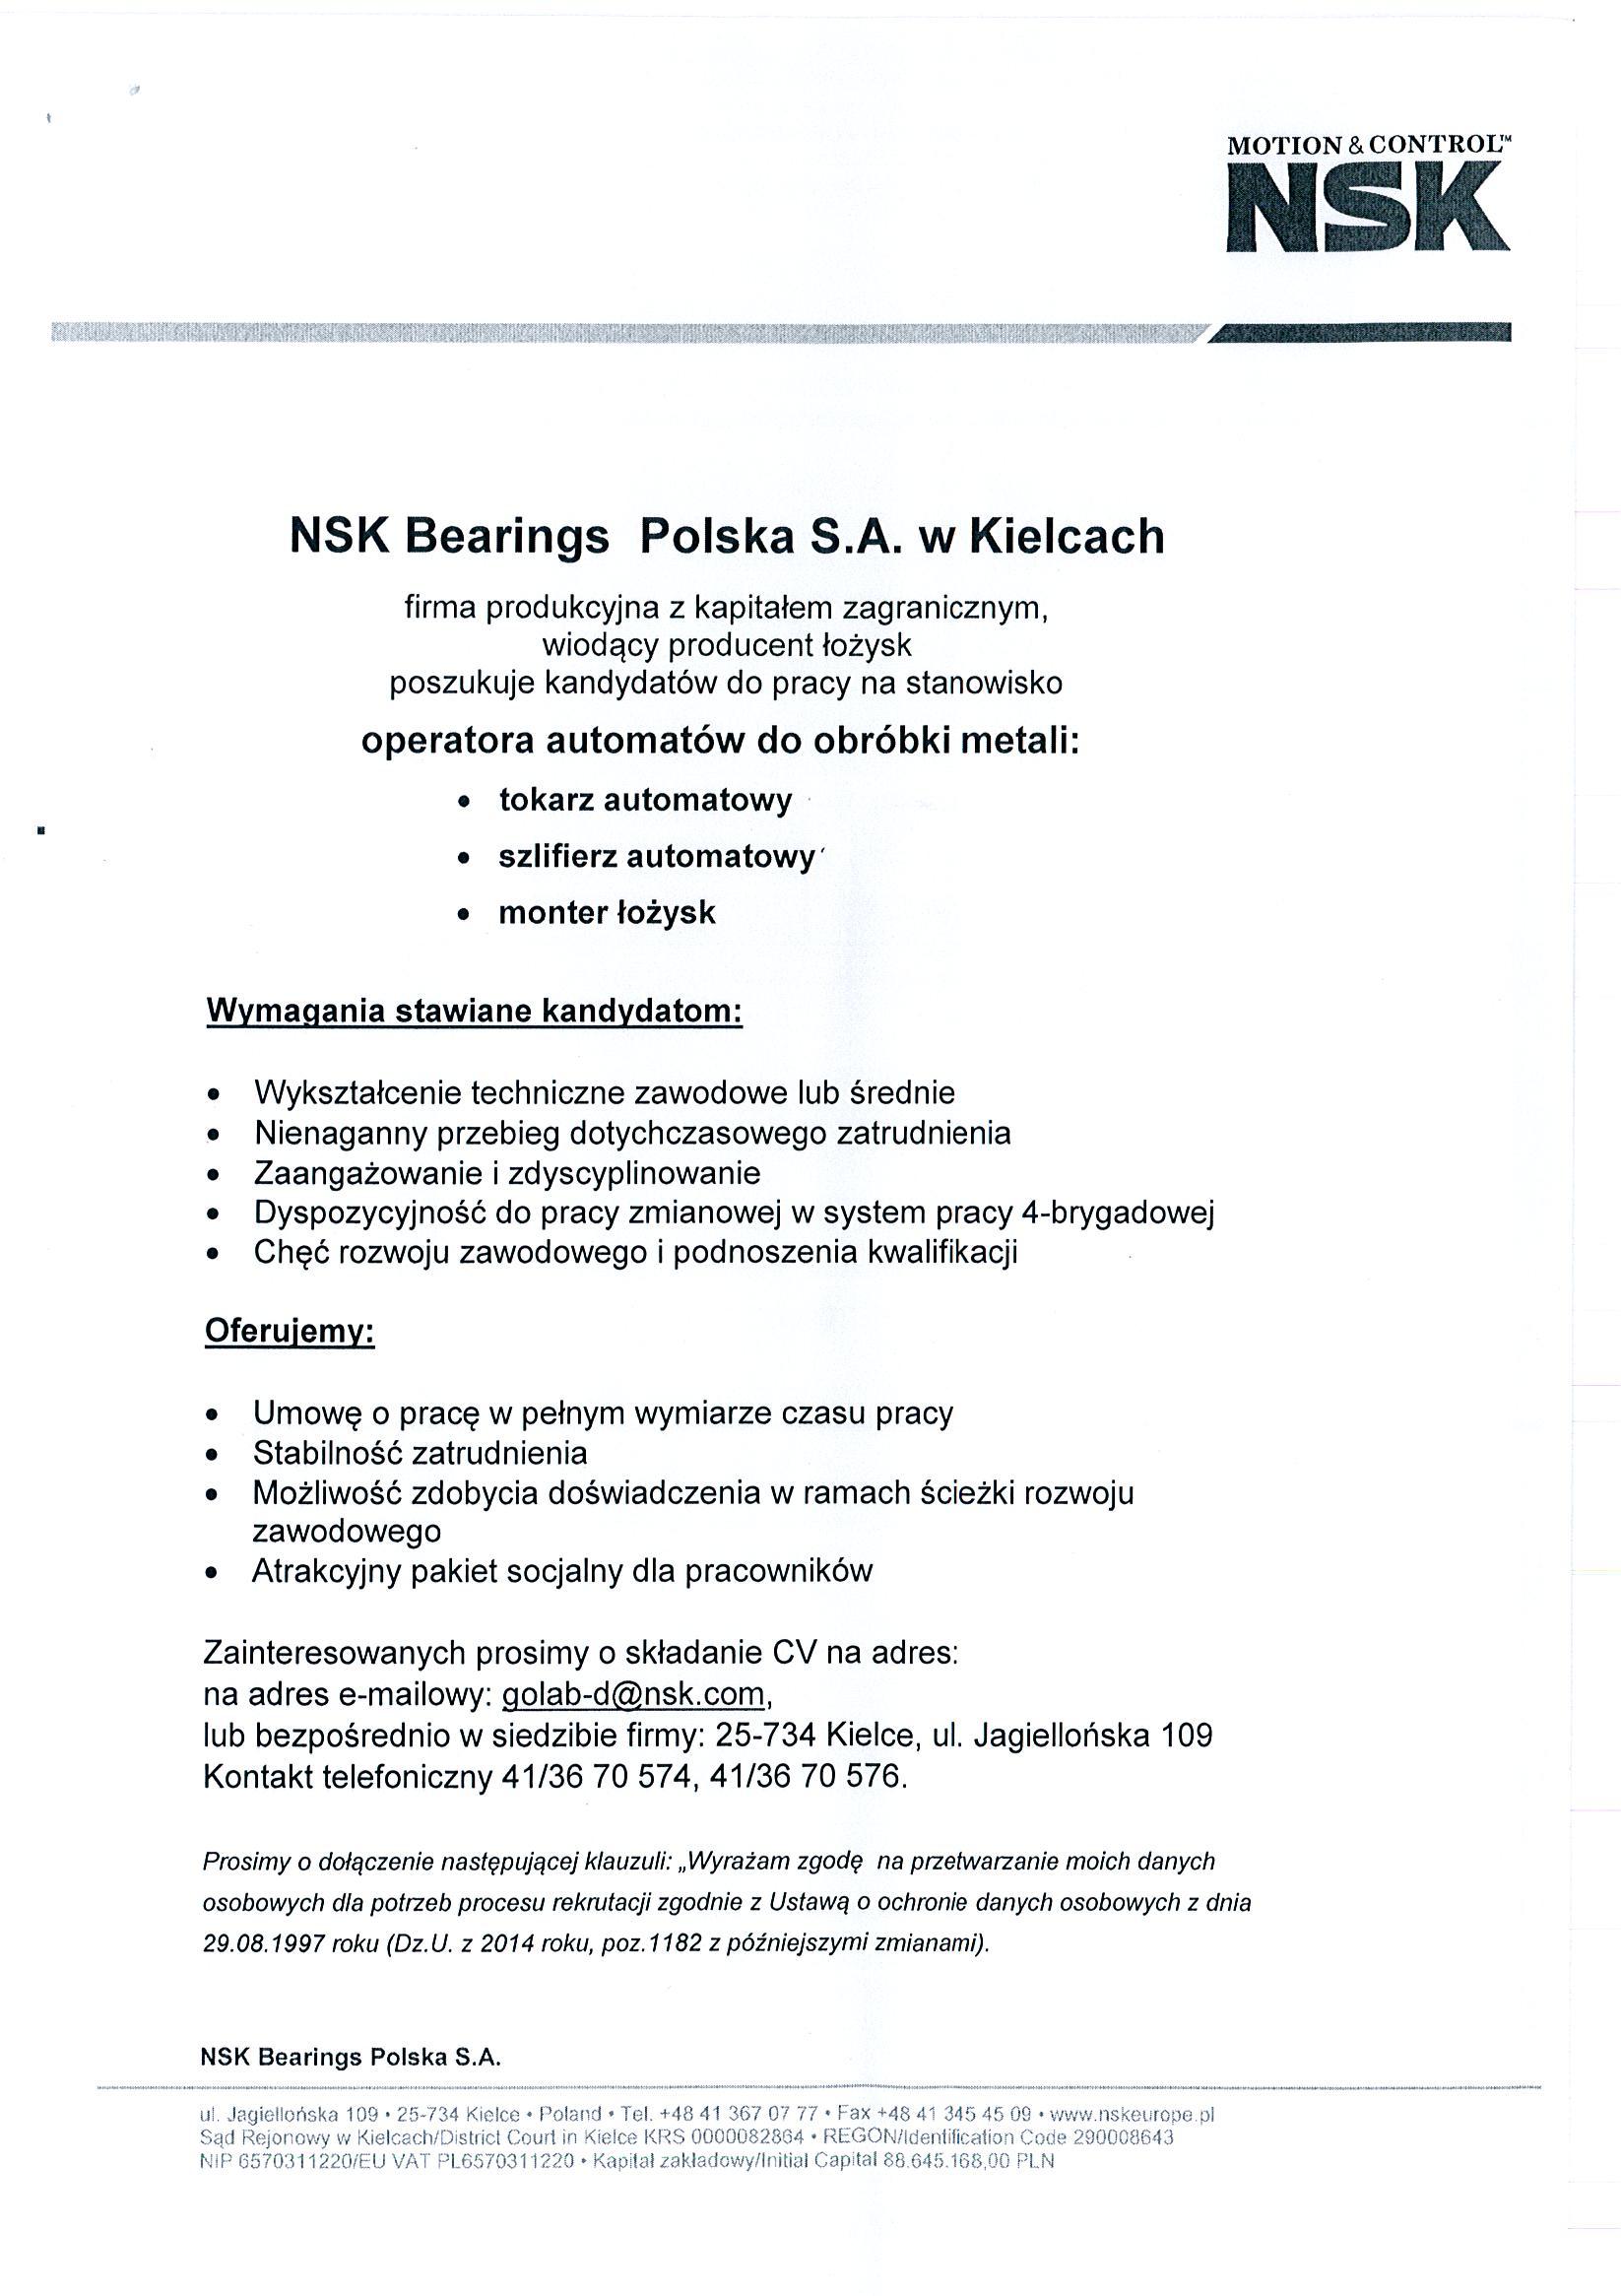 Oferta pracy NSK Bearings Polska S.A. wKielcach